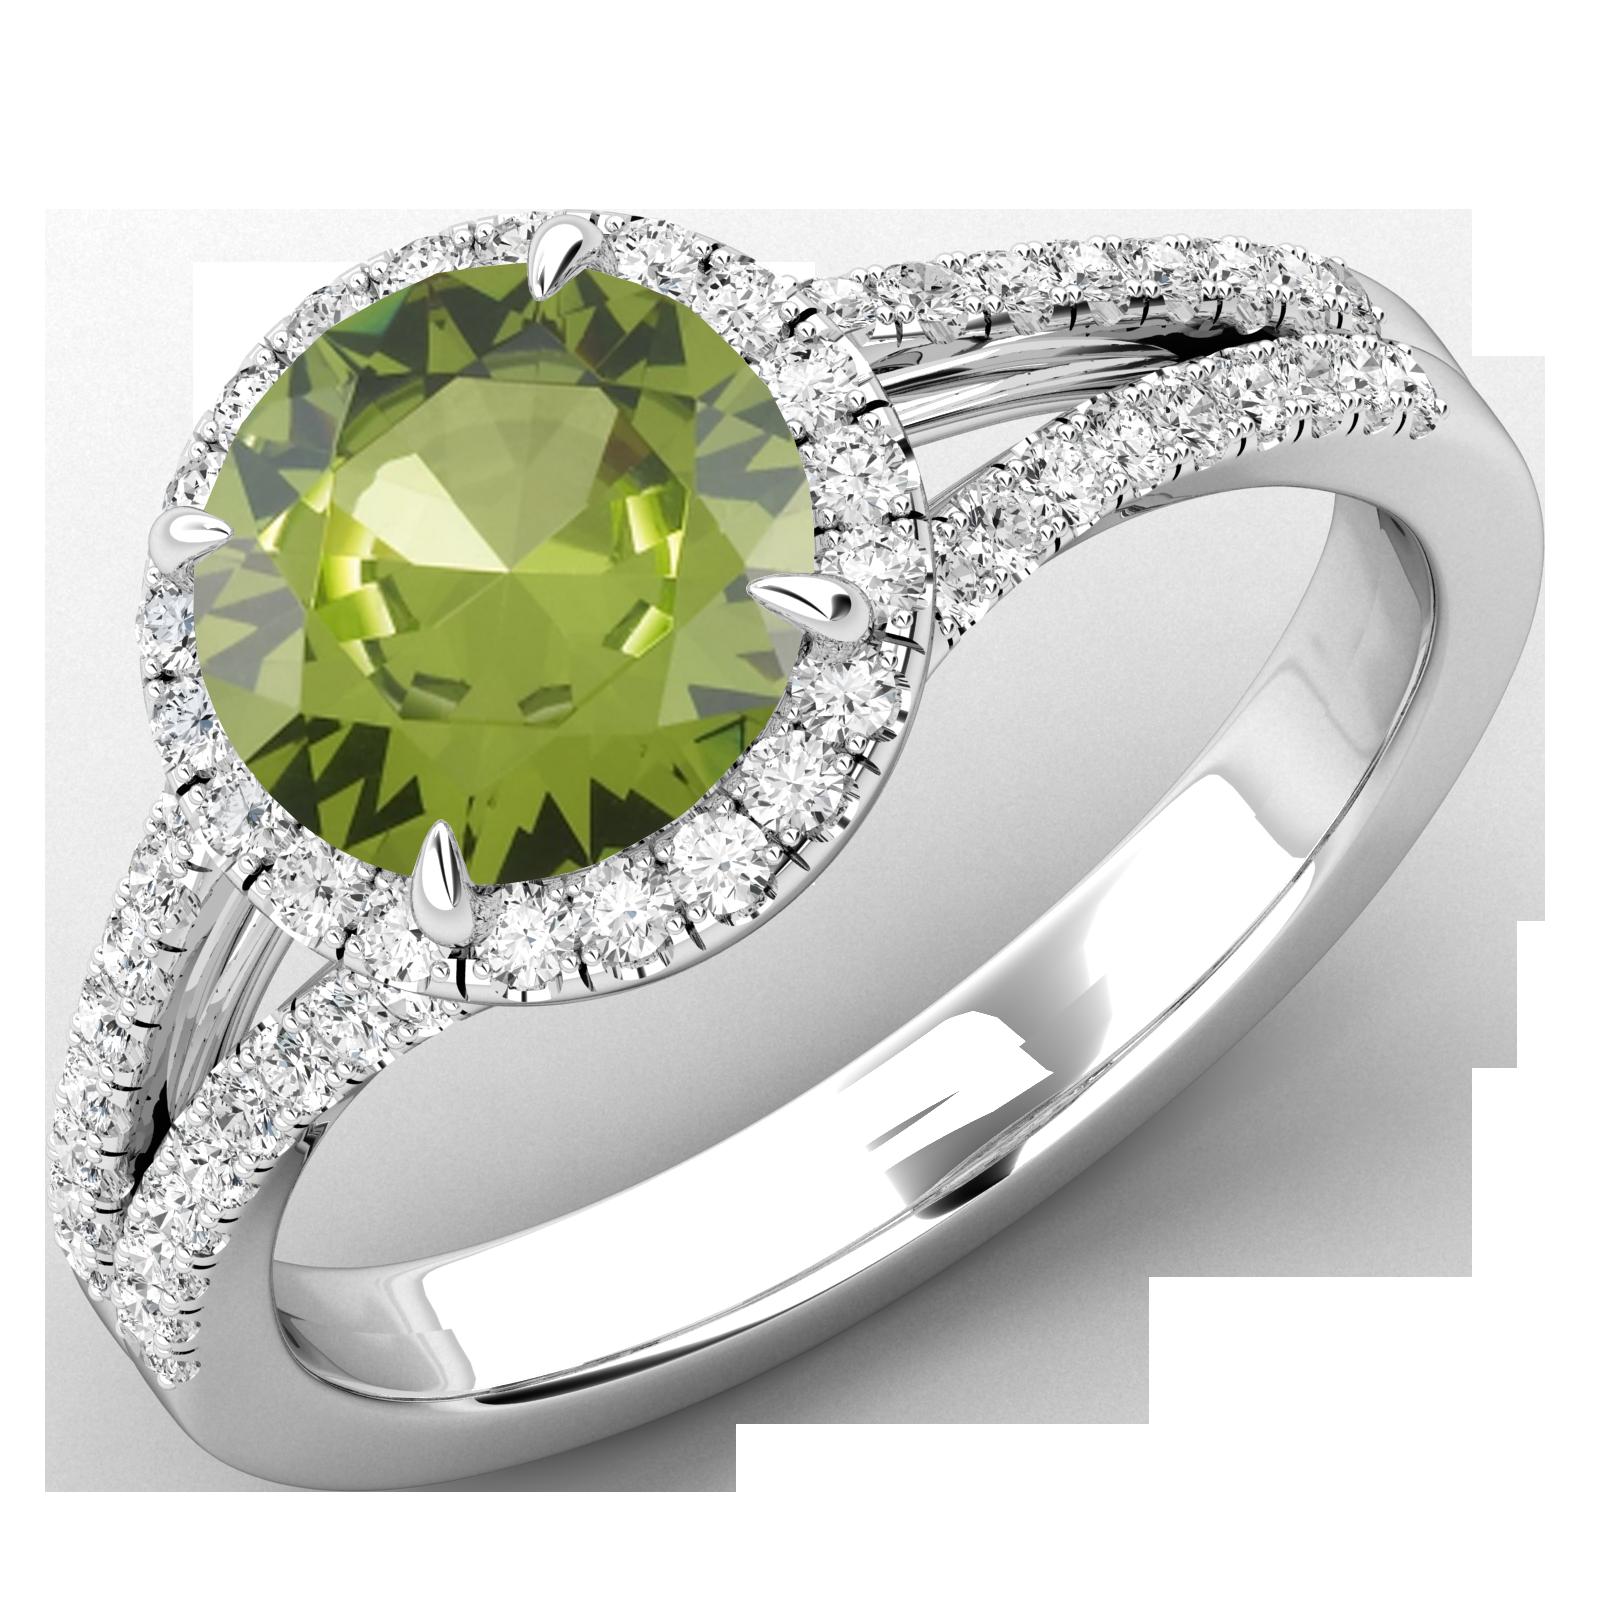 Inel Dama Aur Alb 18kt cu Peridot si Diamante, Stil Halo-img1